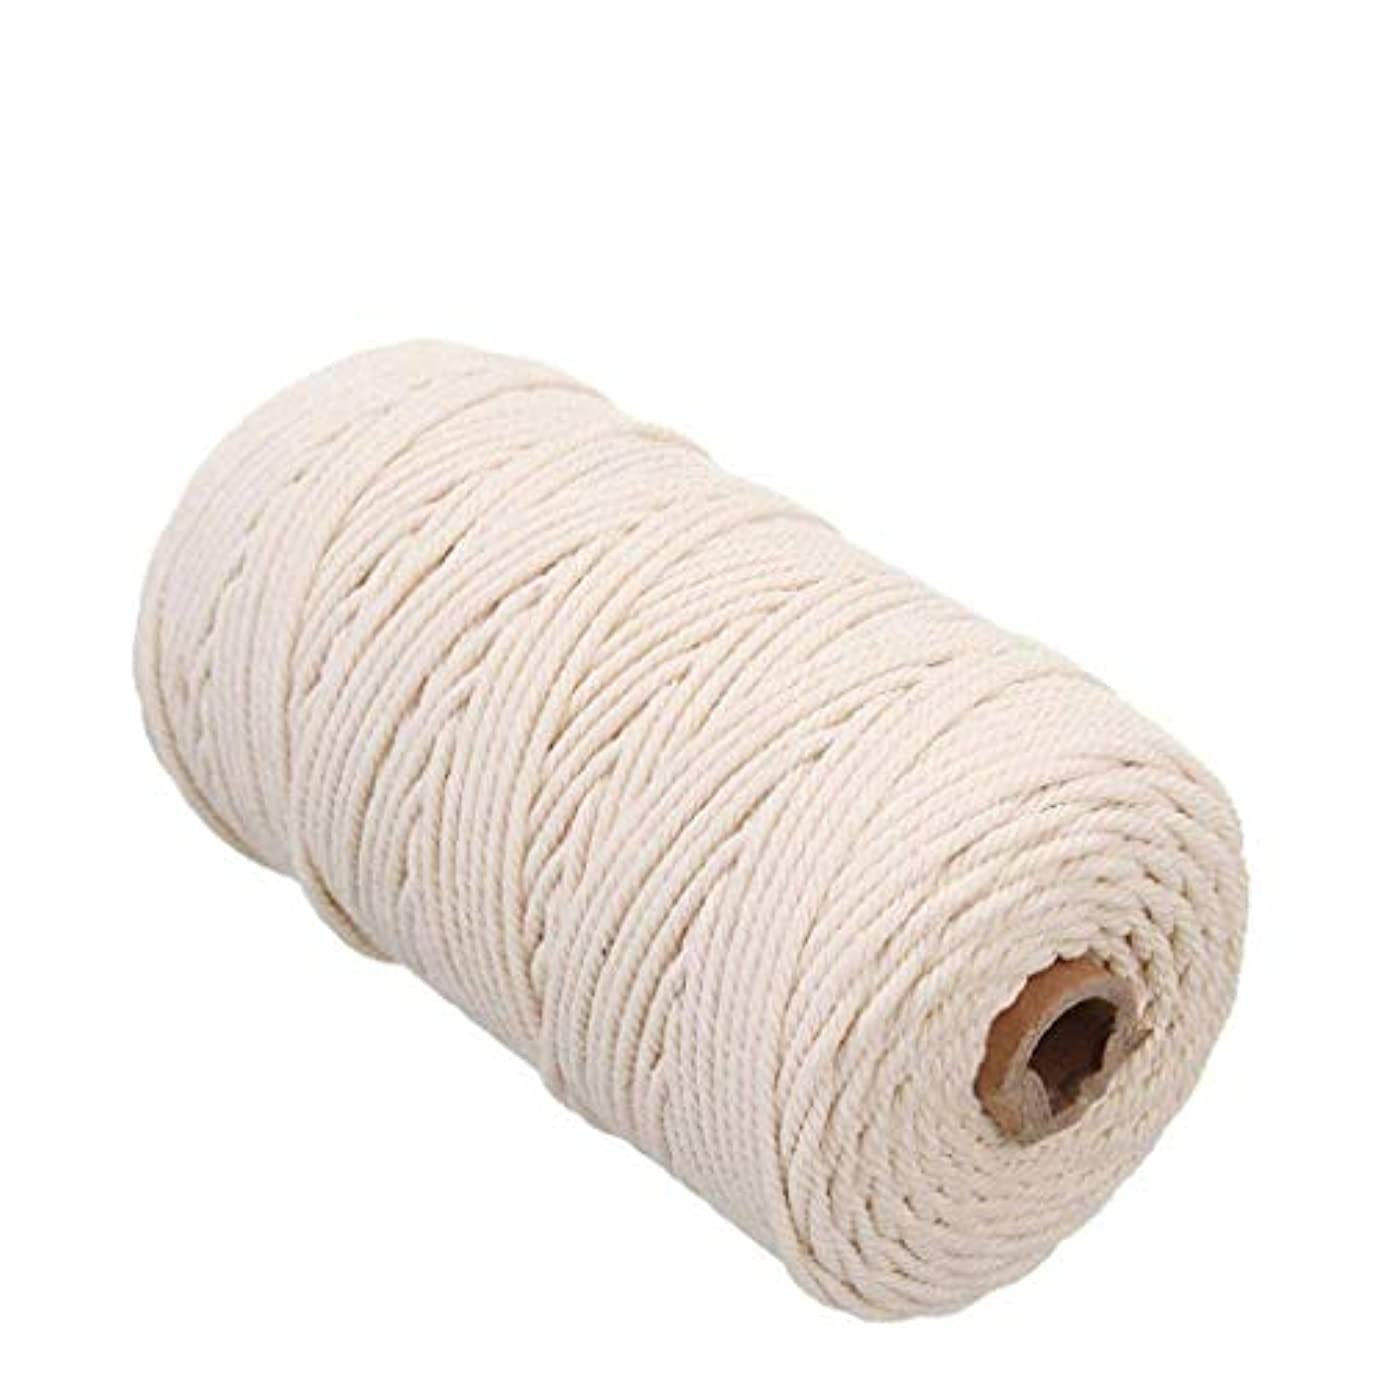 海軍知り合いと遊ぶ手作りコットン糸 編み 天然コード 紐 綿糸ロープ 壁掛けロープナチュラルカラーニット製造プラントハンガー?クラフト 2mm x 200m (ライスホワイト)